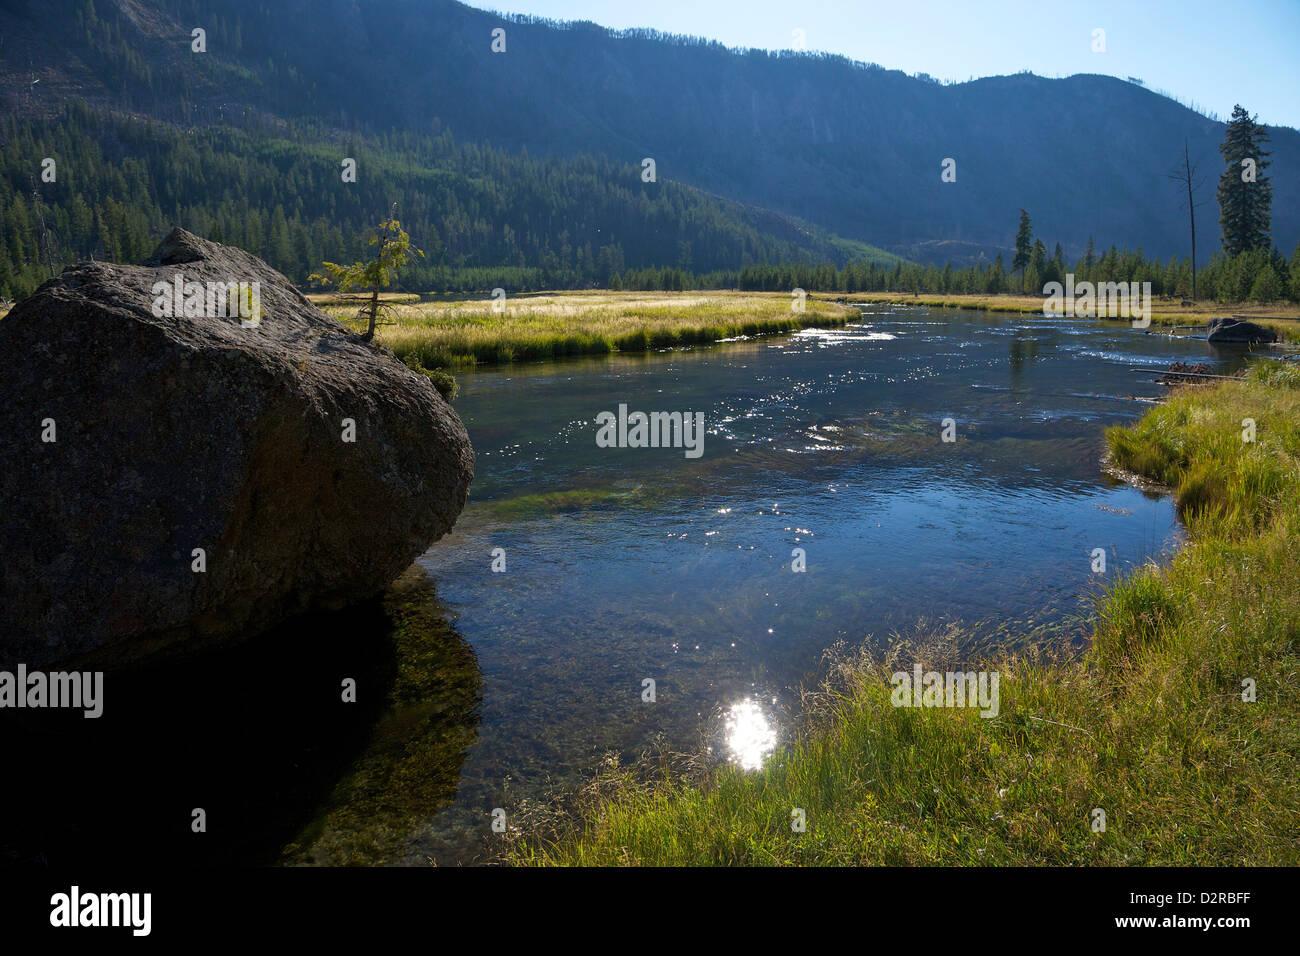 Madison River Valley vicino a Madison, il Parco Nazionale di Yellowstone, Wyoming USA Immagini Stock